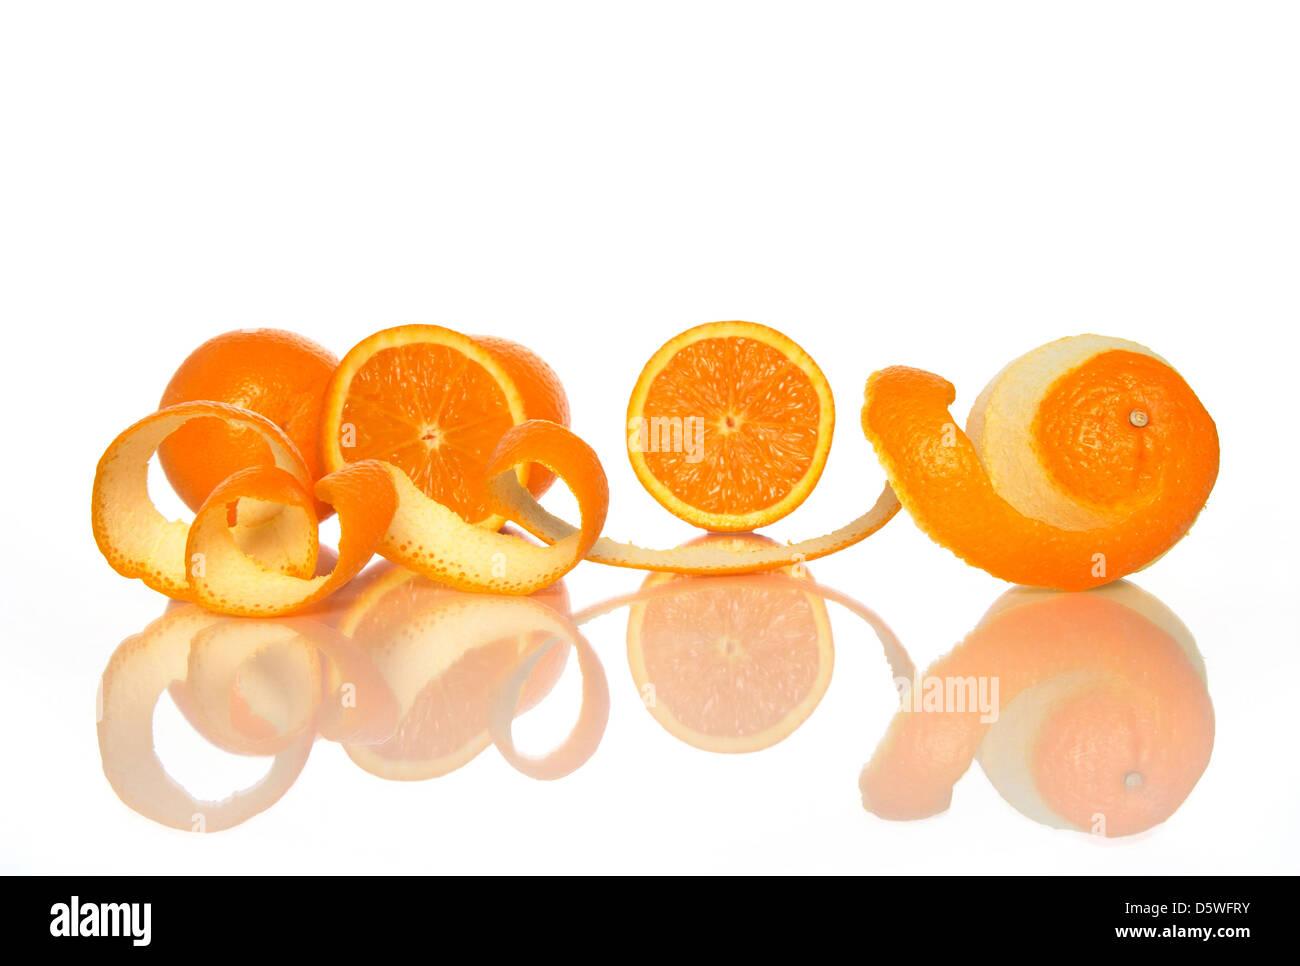 Tasty oranges and spiral orange peel reflecting on white background. - Stock Image